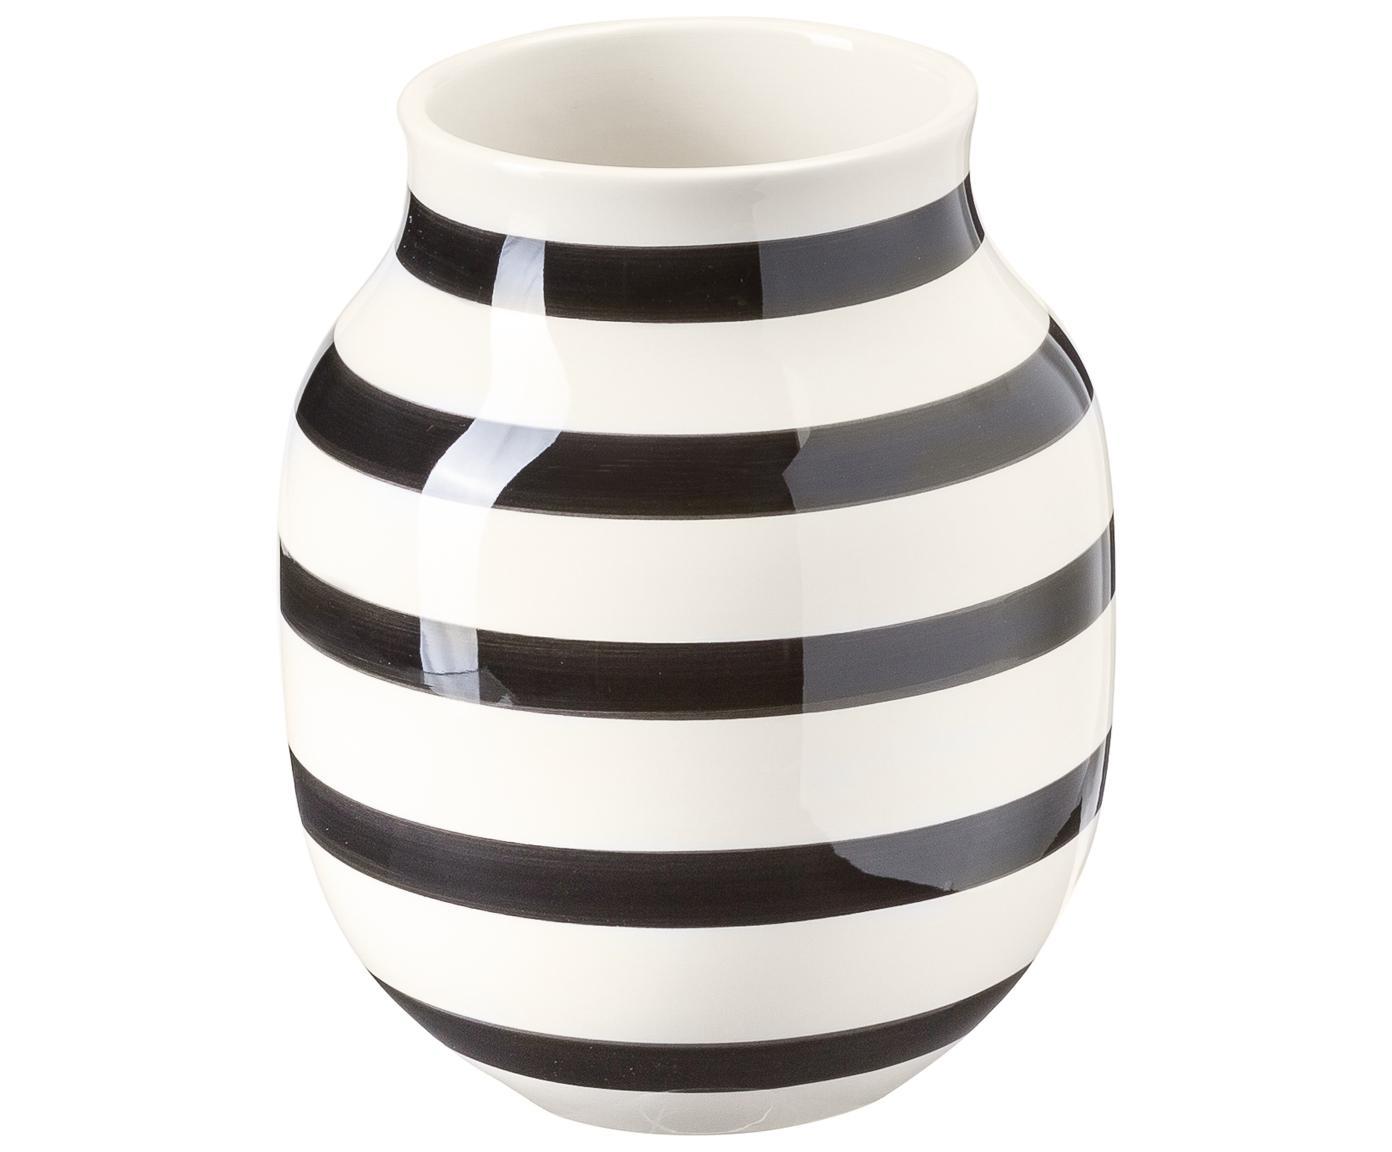 Handgefertigte Design-Vase Omaggio, medium, Keramik, Schwarz, Weiss, Ø 17 x H 20 cm